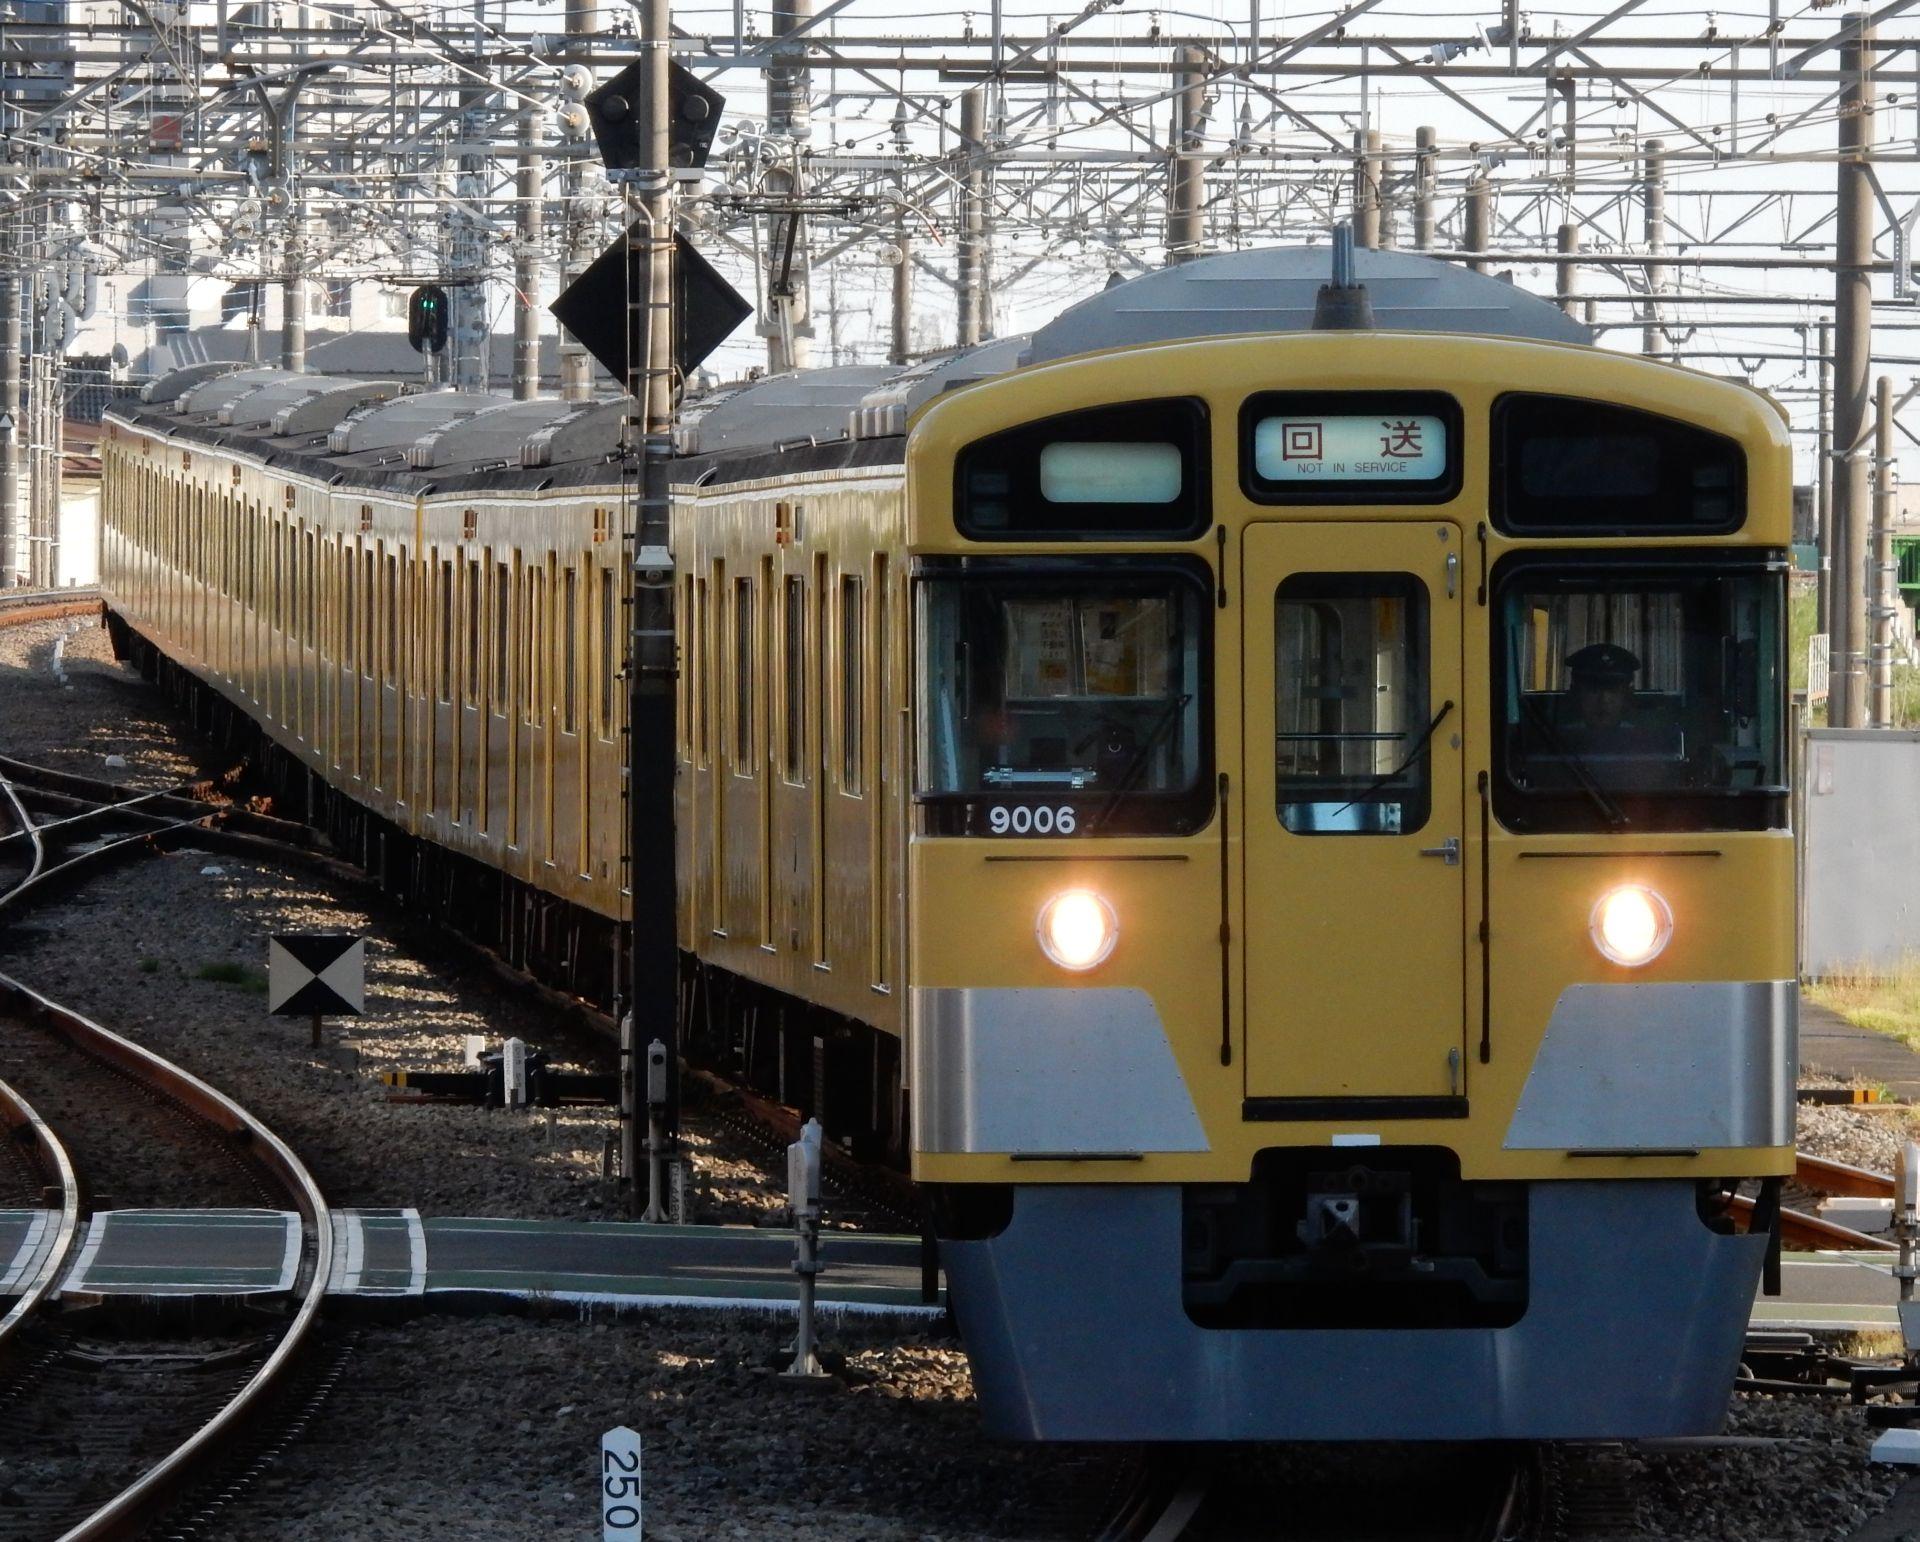 DSCN9142 - コピー